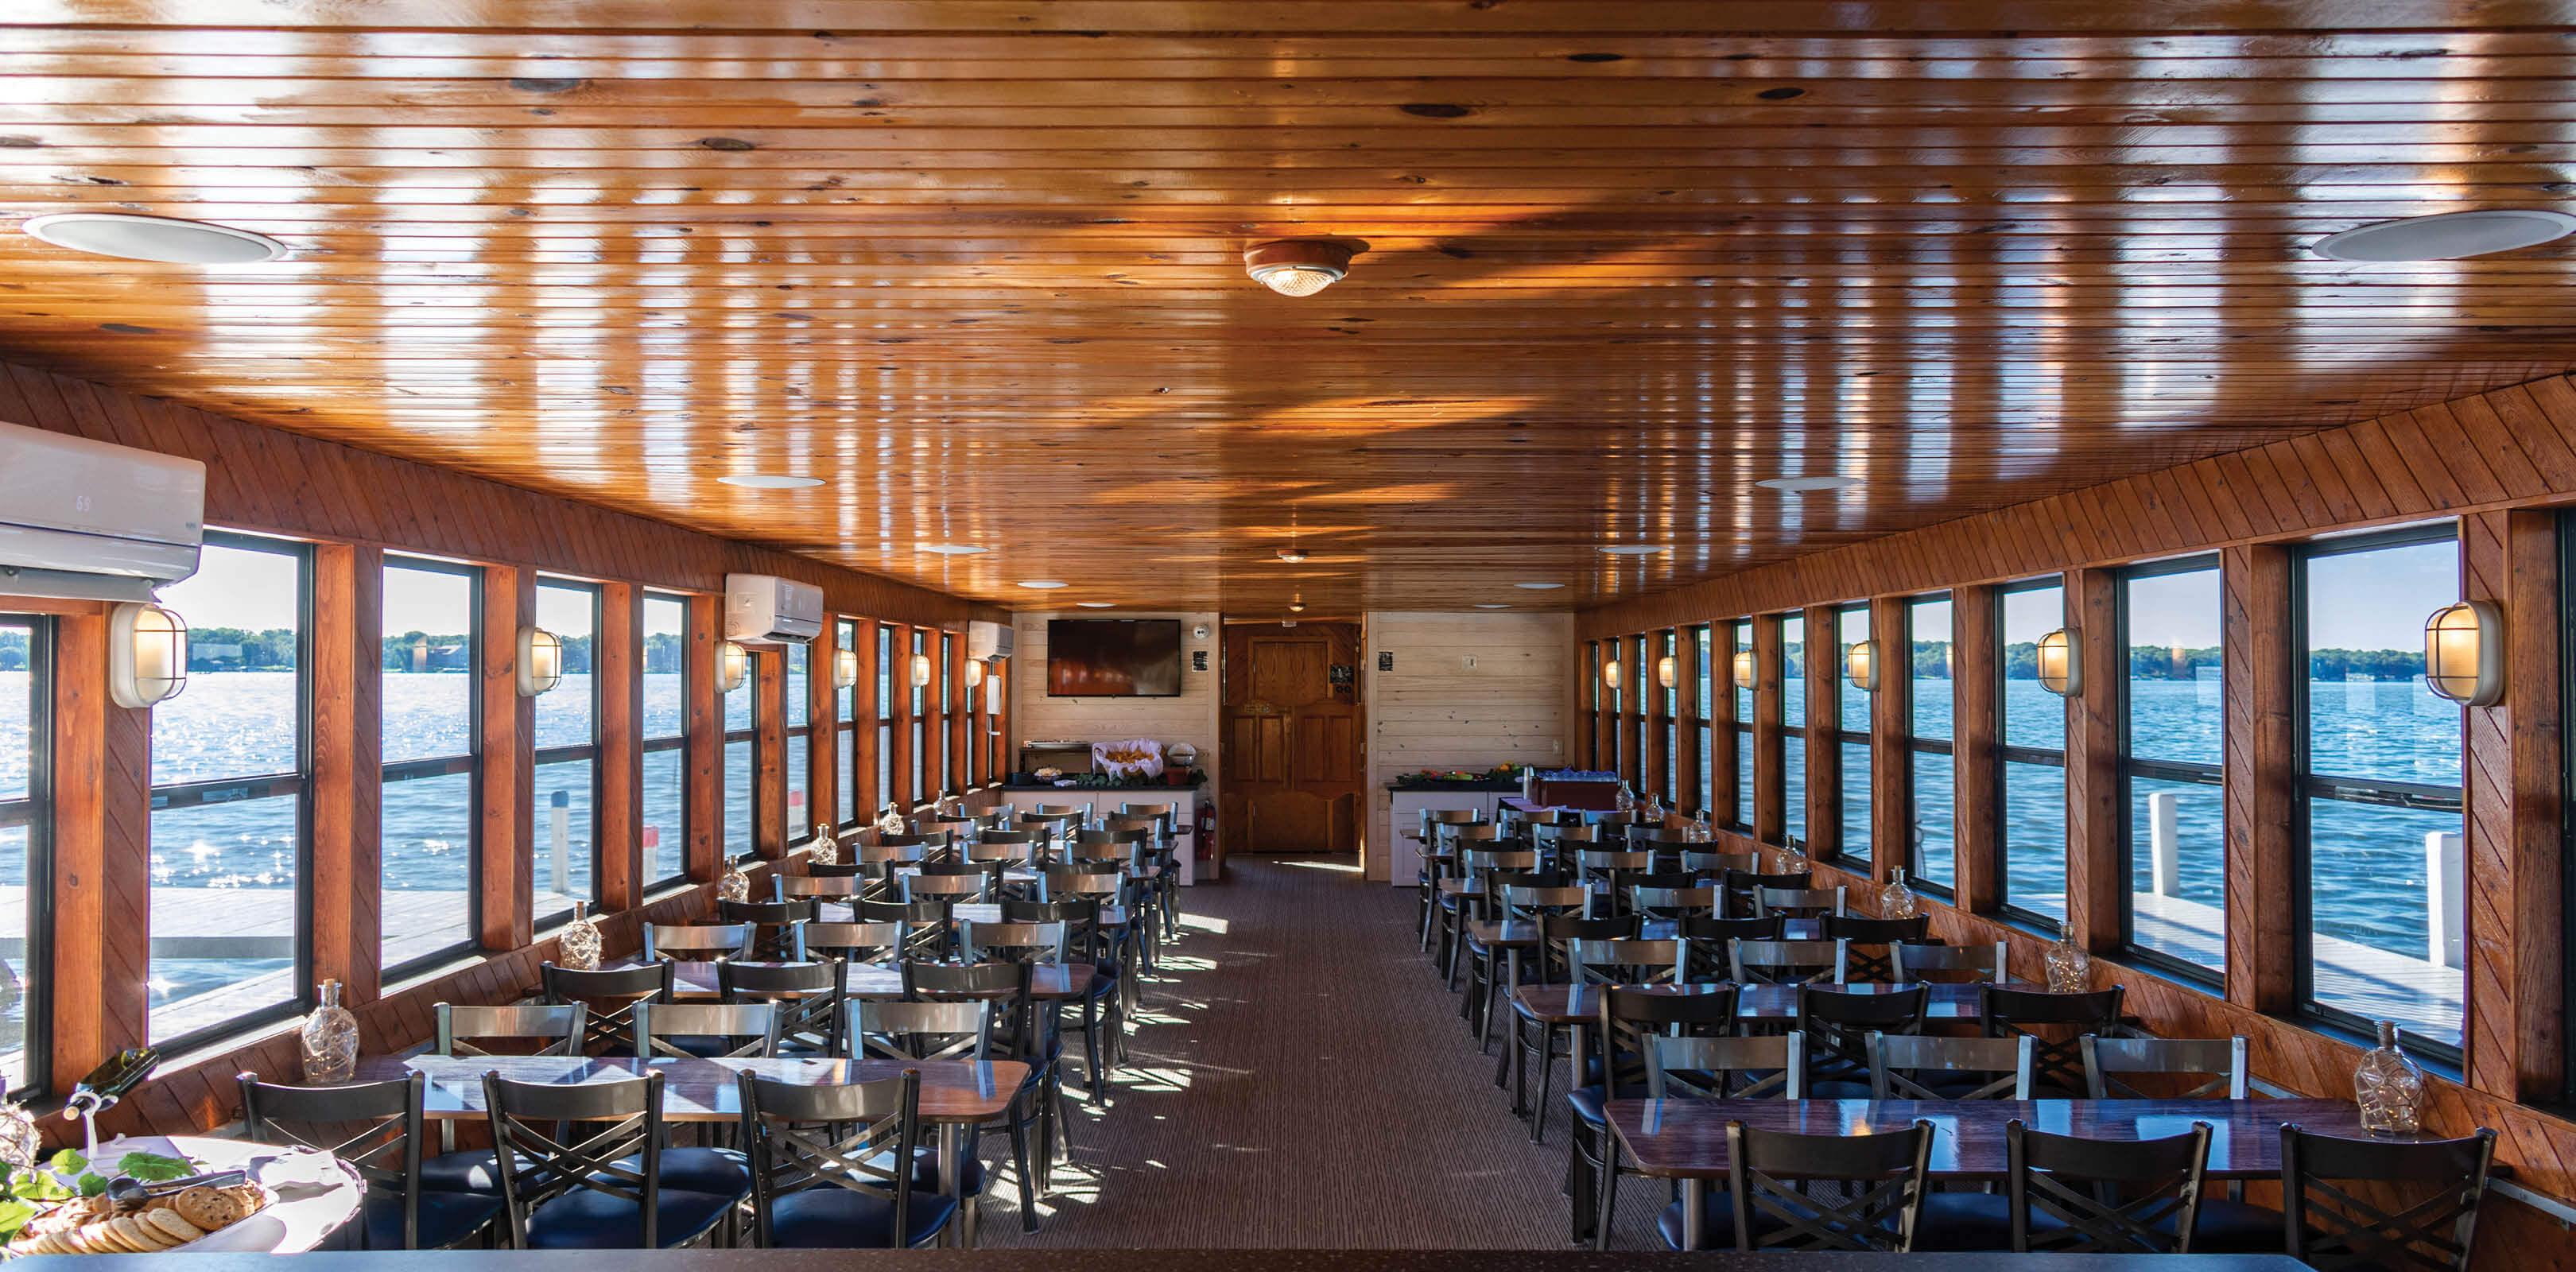 Lake Lawn Queen Tour Boat on Delavan Lake